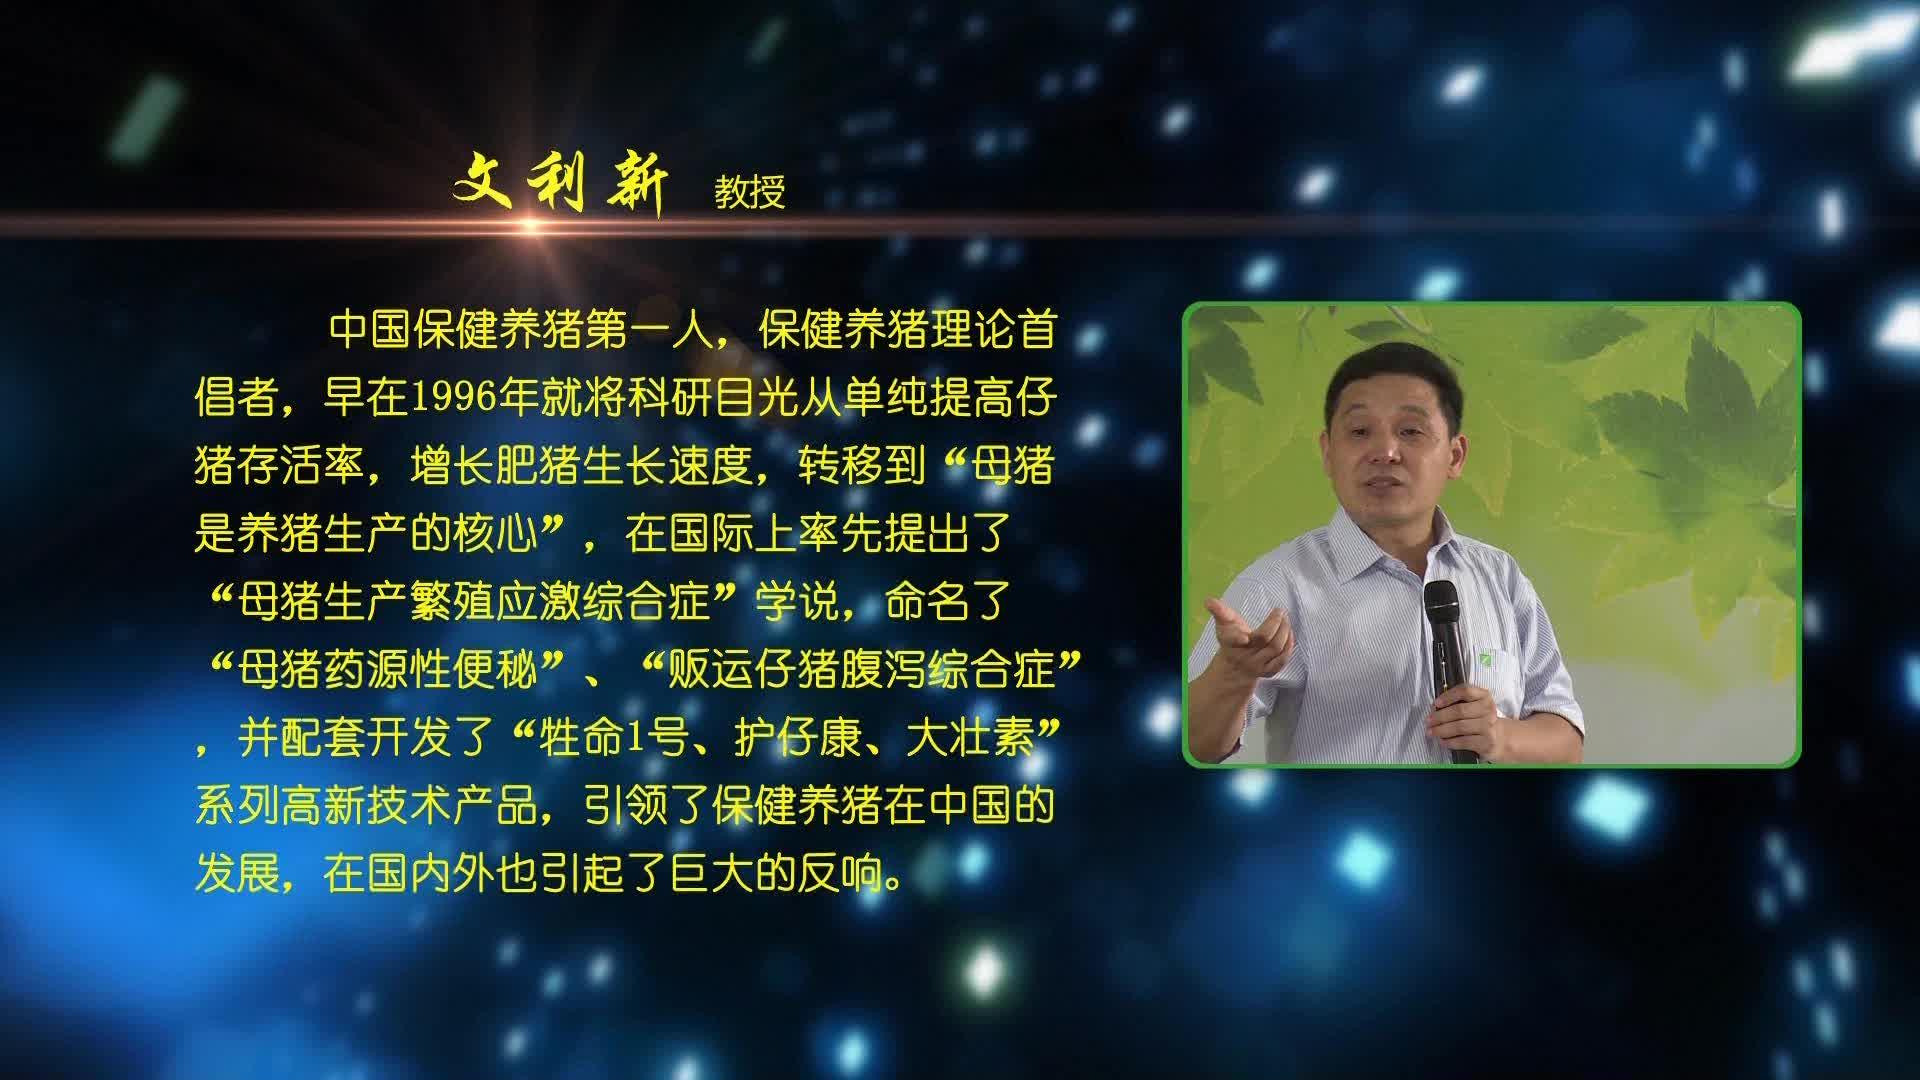 视频:135高效保健养猪技术(文利新教授)